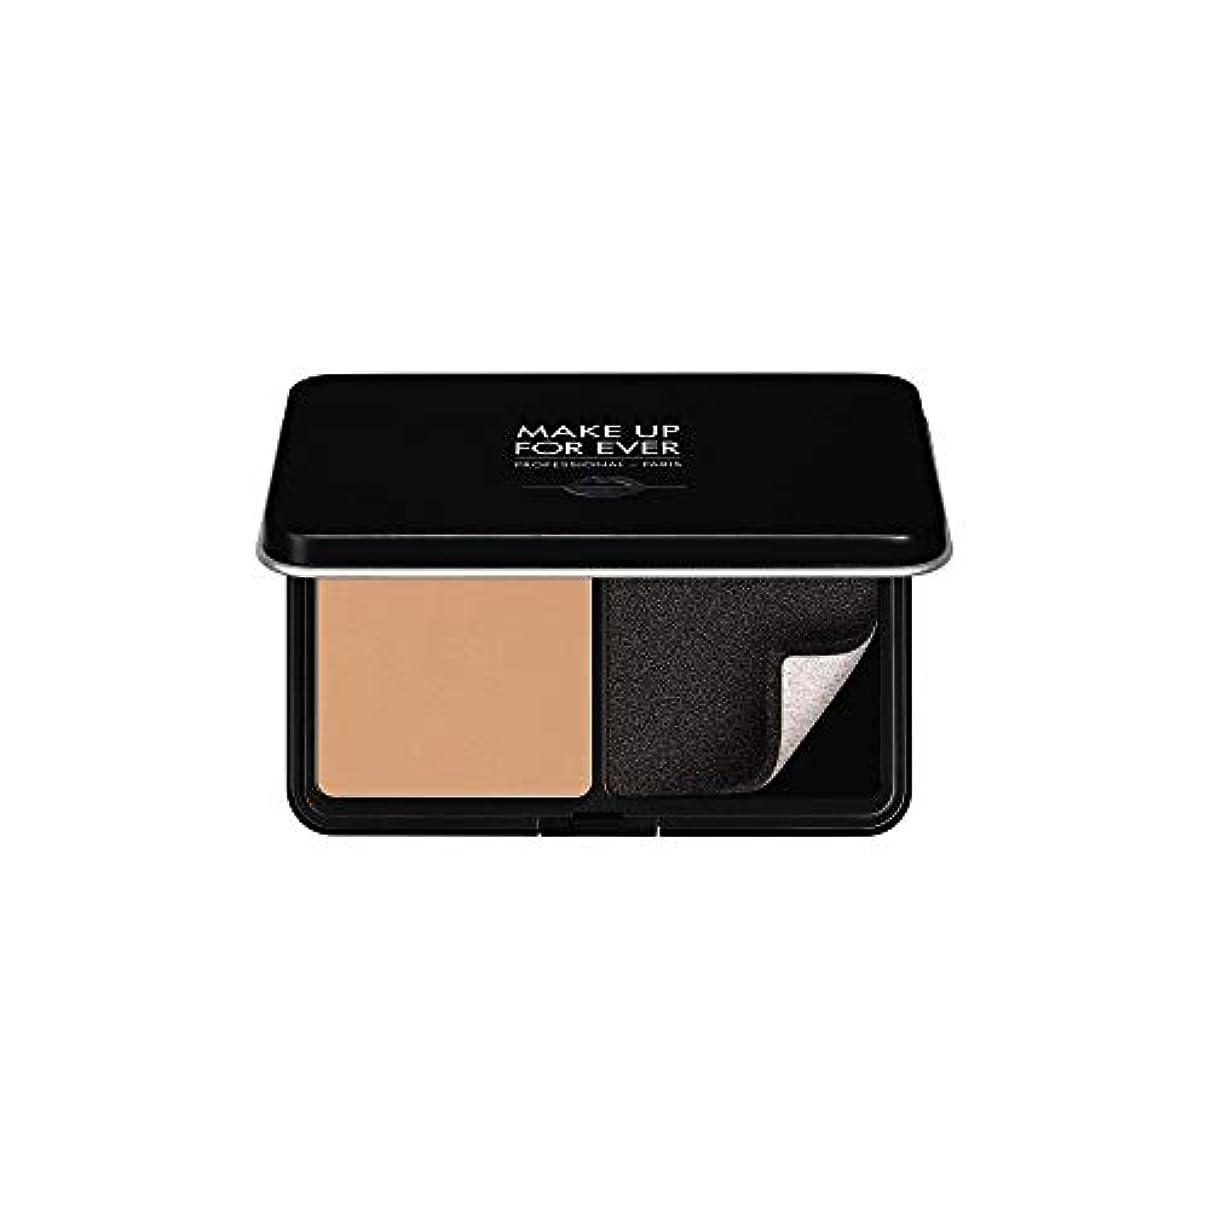 繁栄うっかりバッテリーメイクアップフォーエバー Matte Velvet Skin Blurring Powder Foundation - # Y345 (Natural Beige) 11g/0.38oz並行輸入品